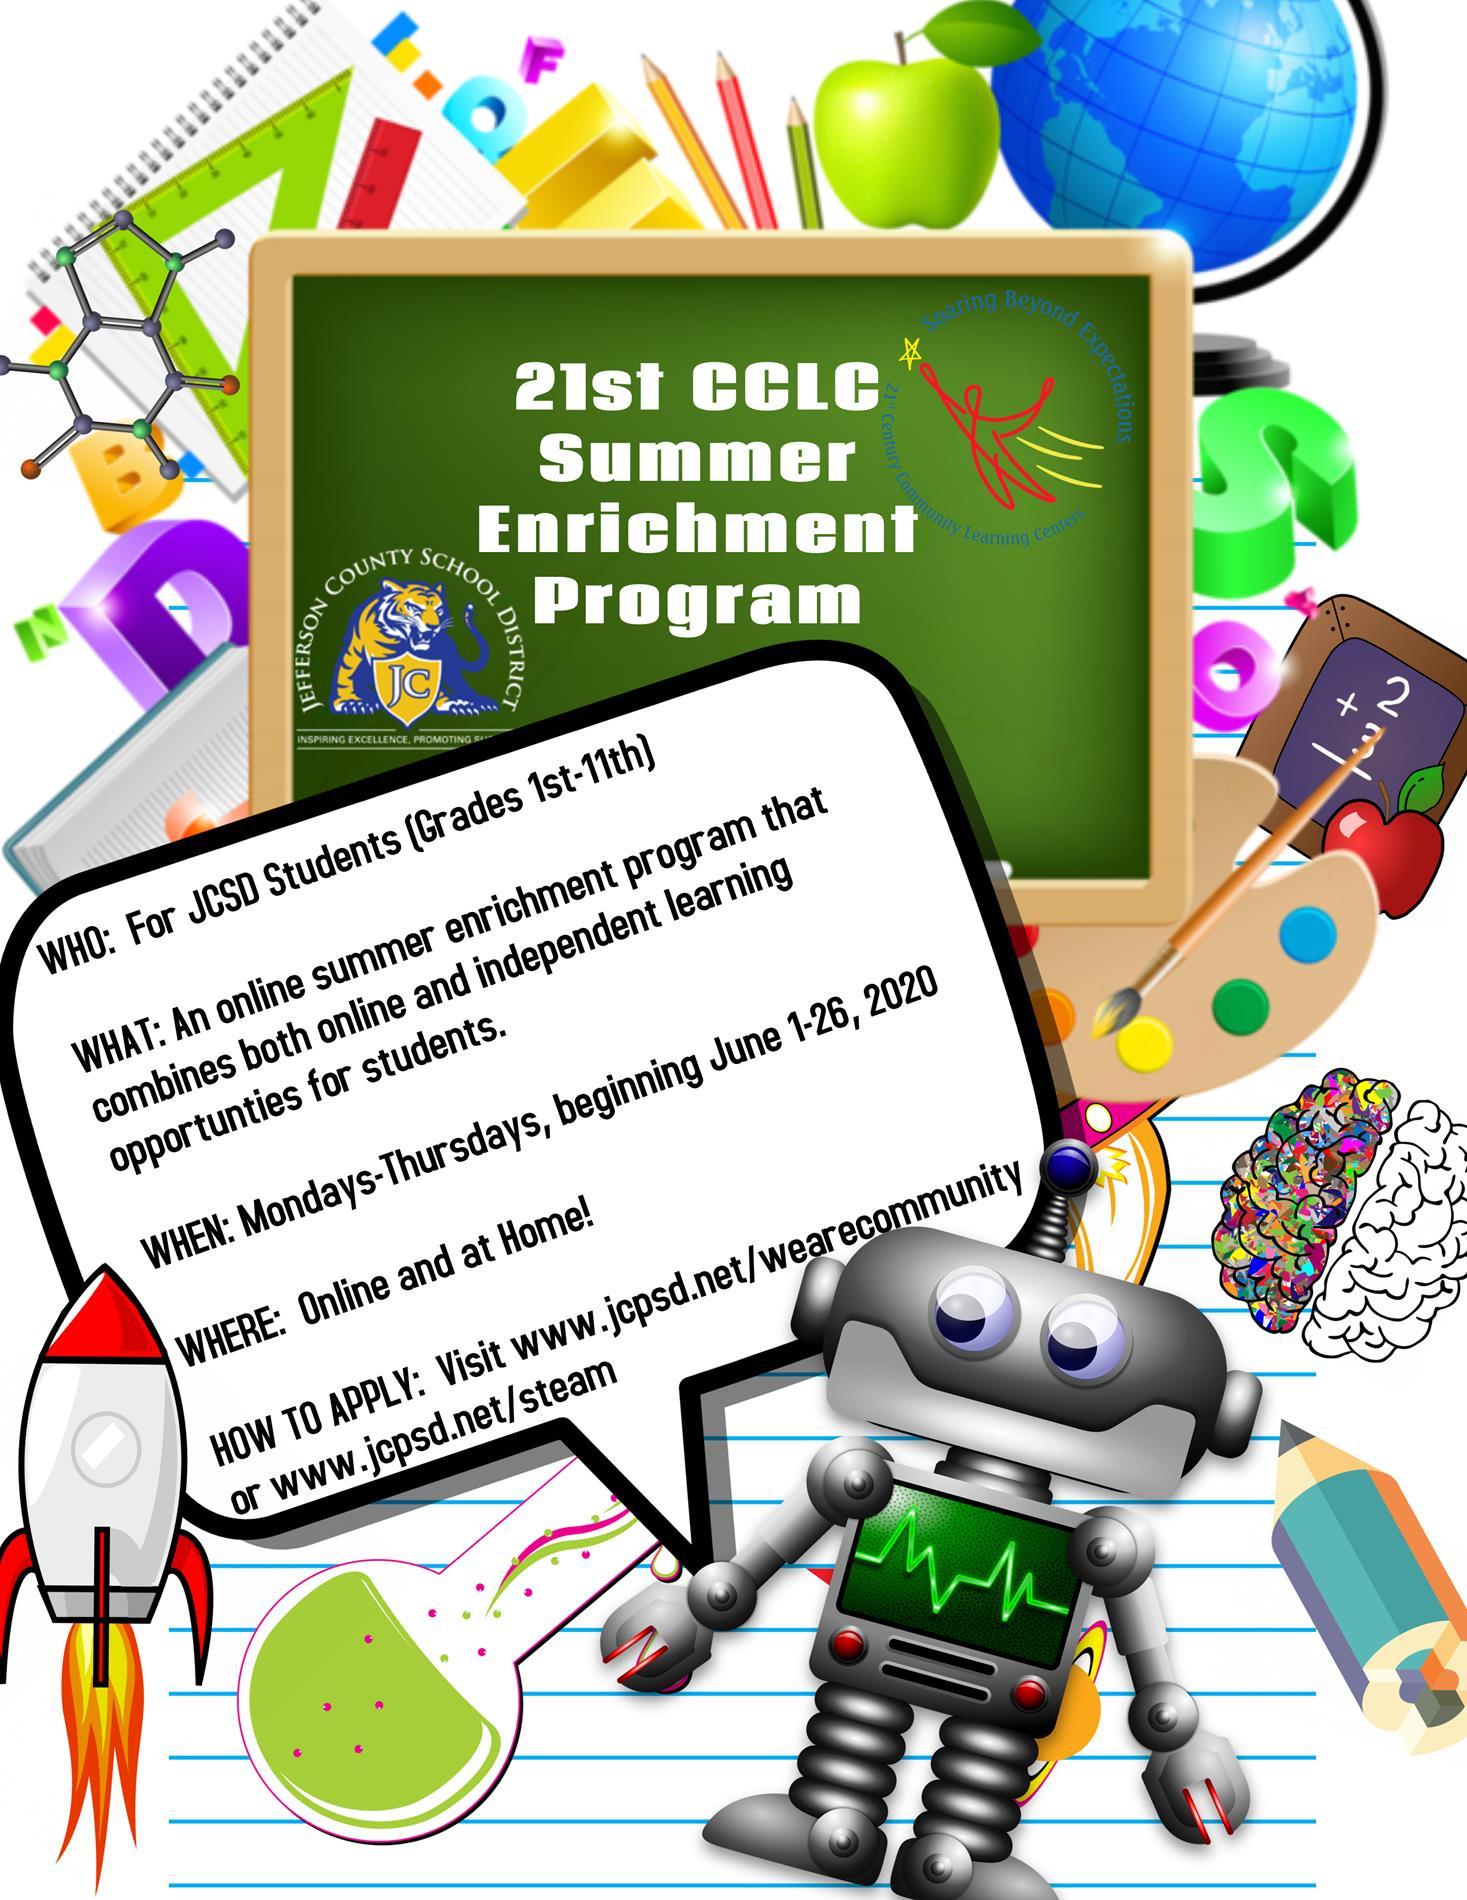 21st CCLC Online Summer Enrichment